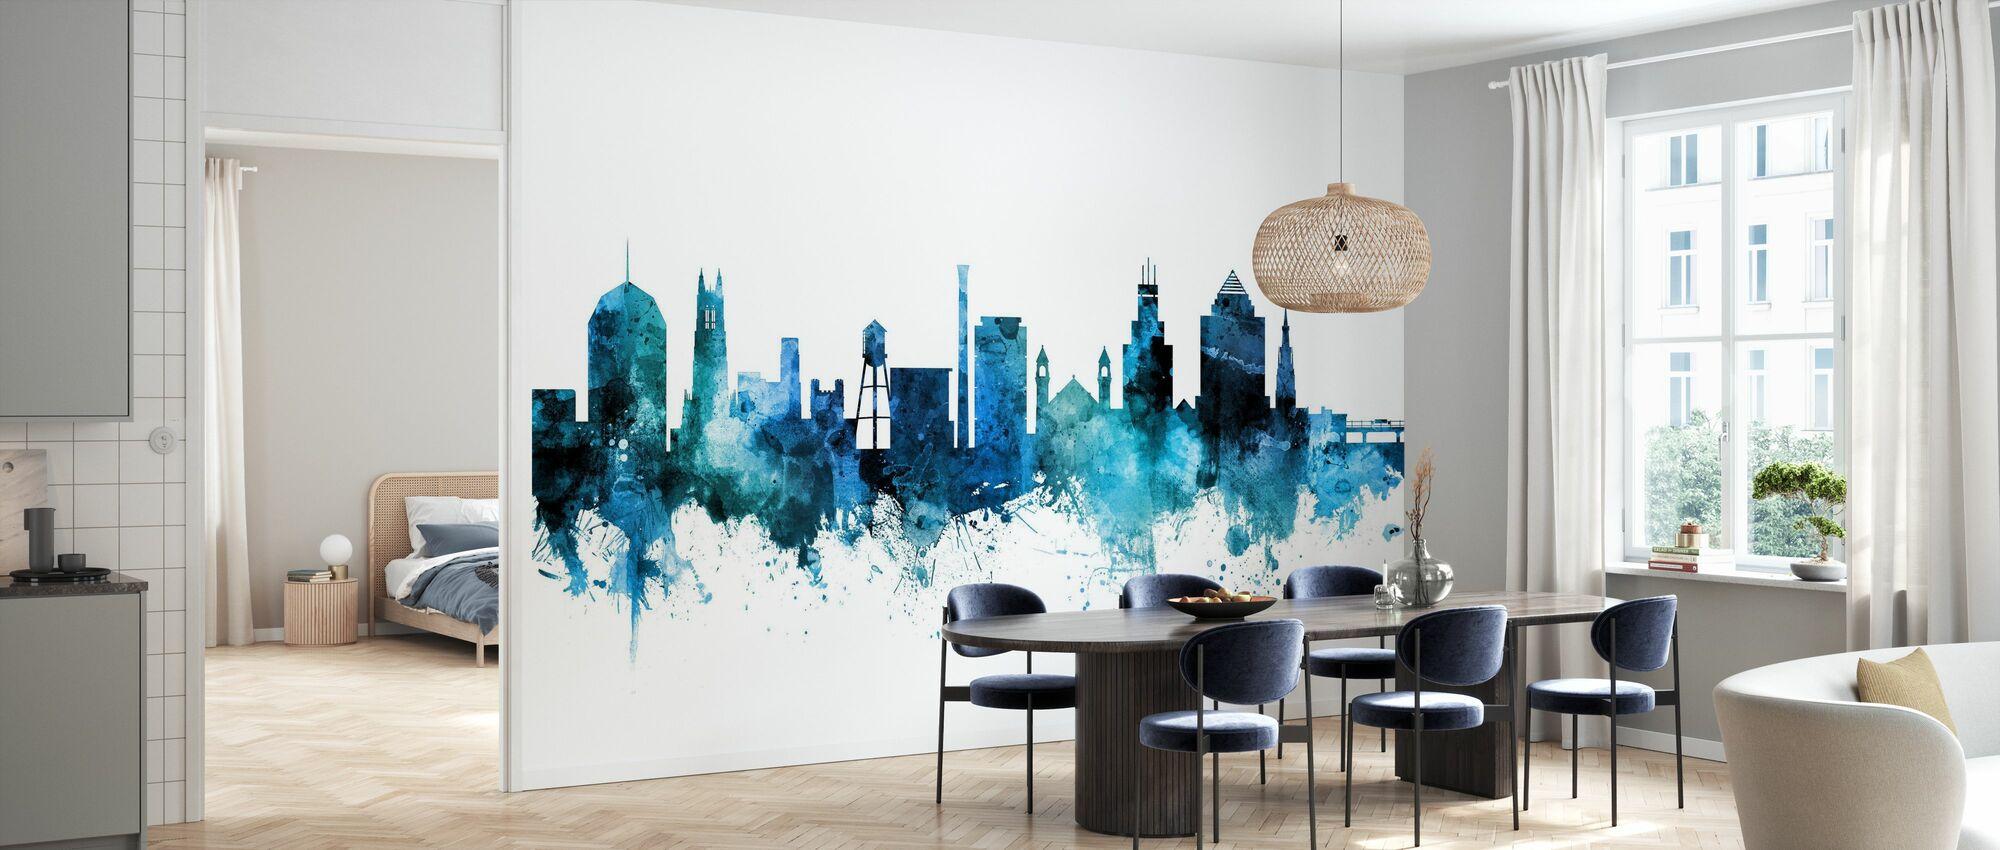 Durham North Carolina Skyline - Wallpaper - Kitchen